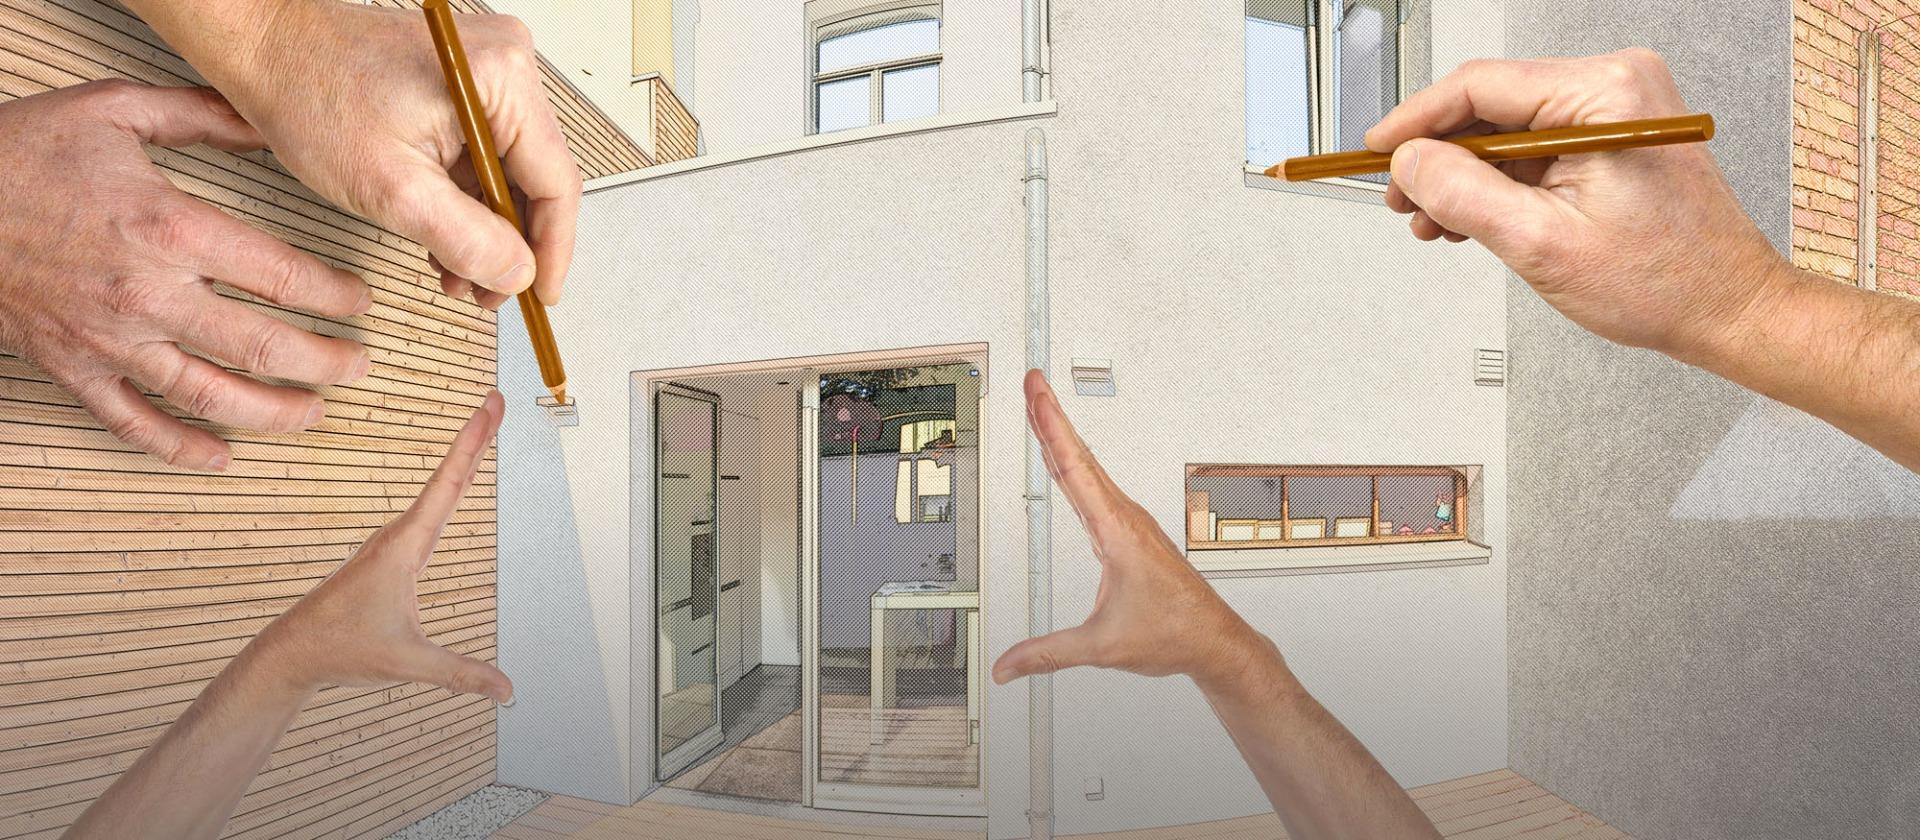 LED verlichting voor thuis, lichtplan voor buiten en binnen